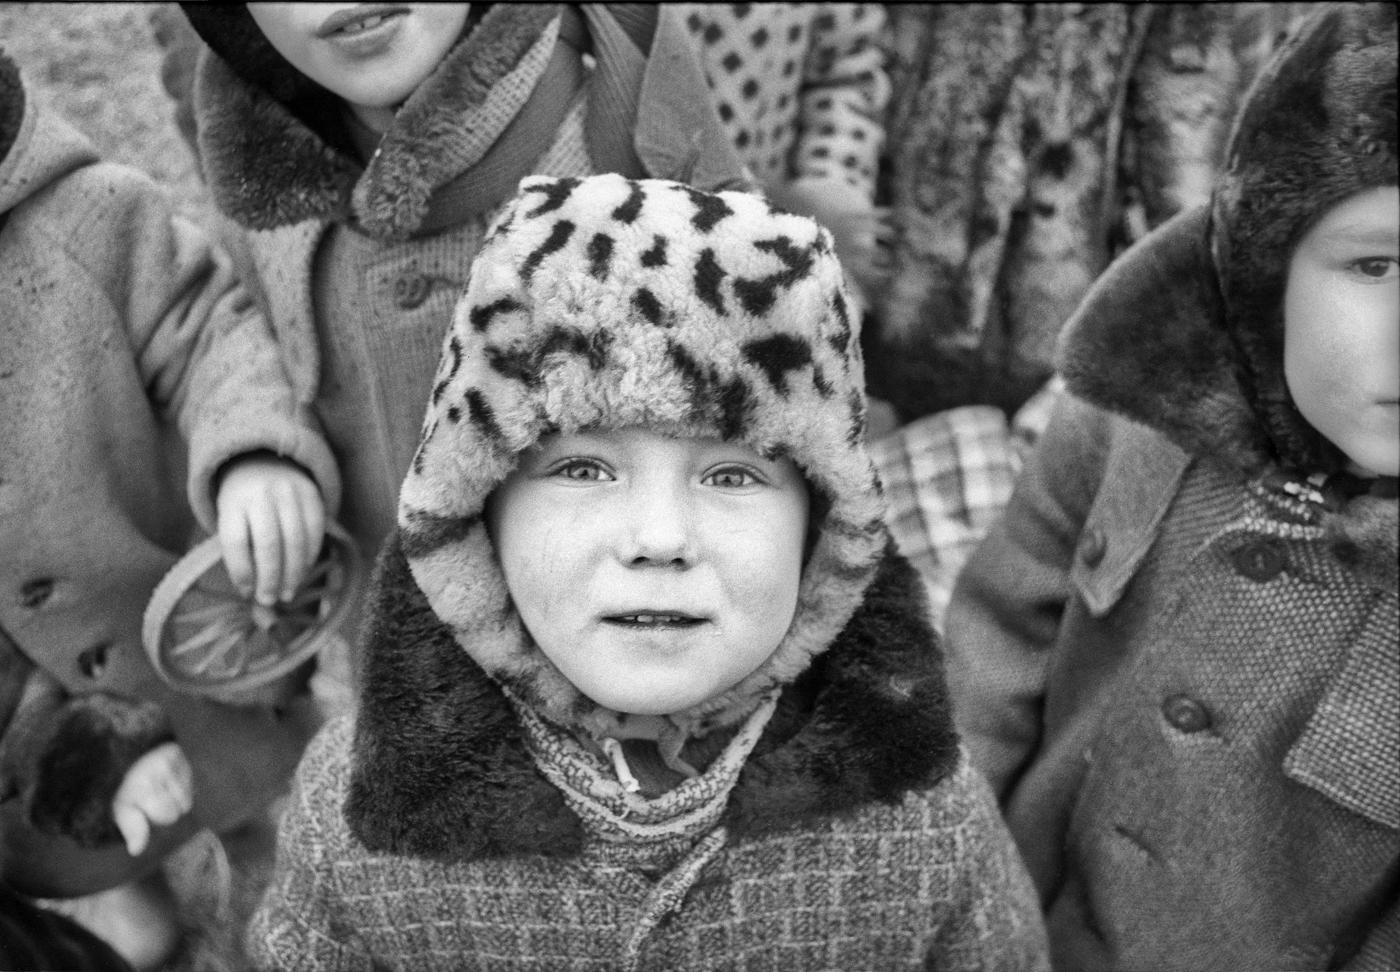 Waisenkinder, St. Petersburg, RUS